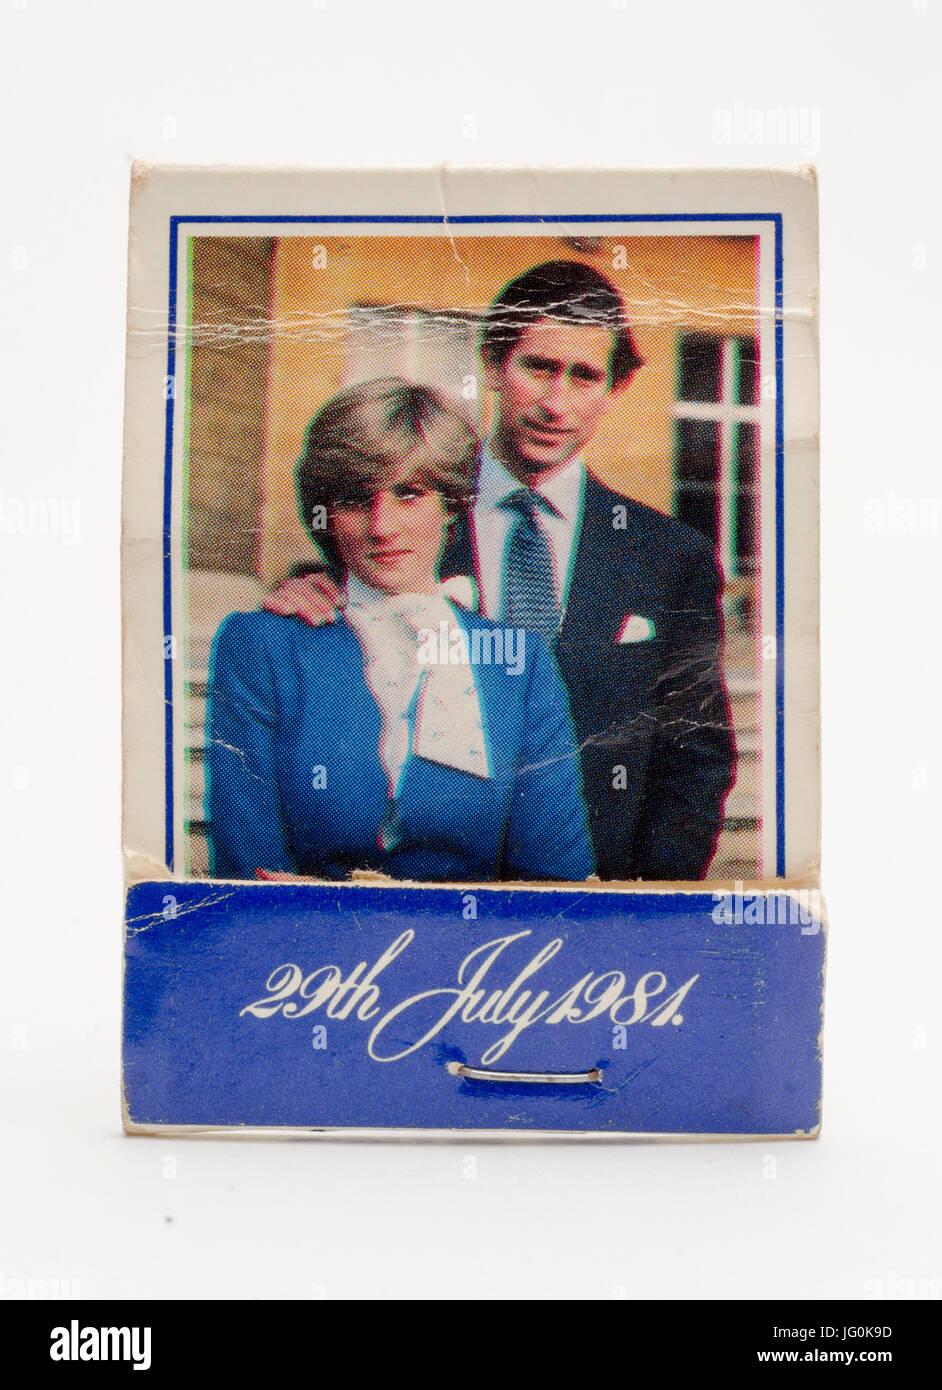 Libro commemorativo di corrispondenze per celebrare le nozze reali di Lady Diana Spencer e di S.A.R. il Principe Carlo il 29 luglio 1981. Foto Stock